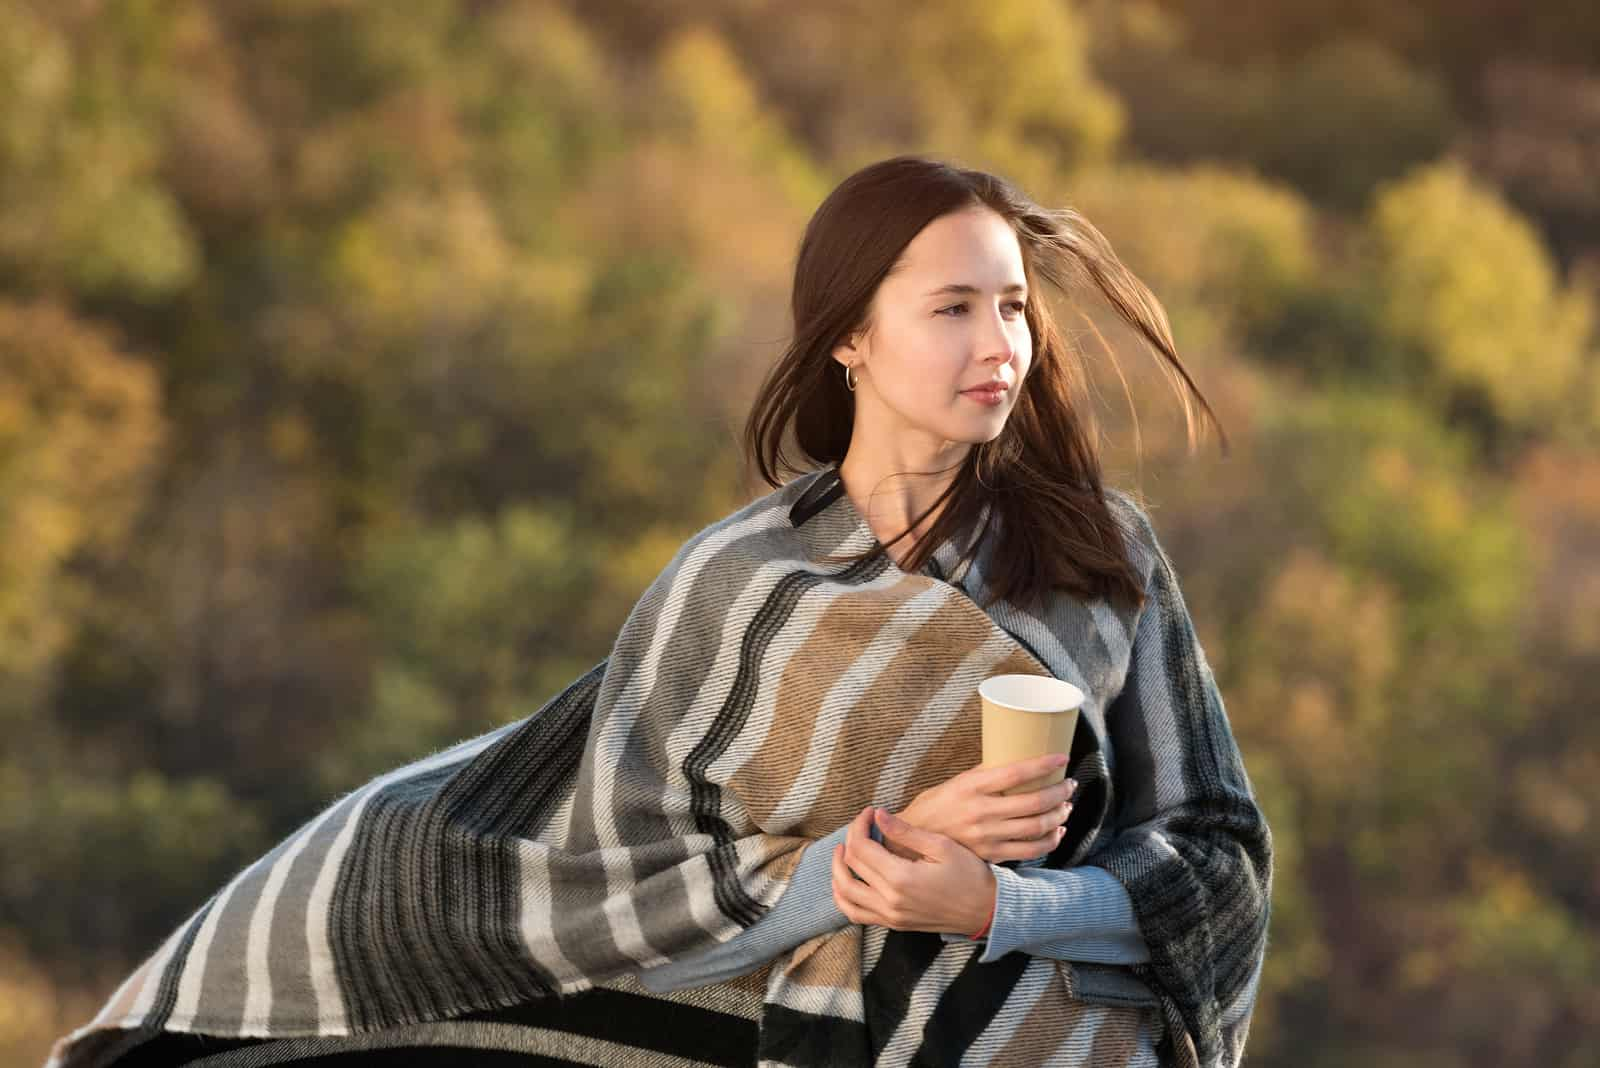 ung kvinde pakket ind i et tæppe